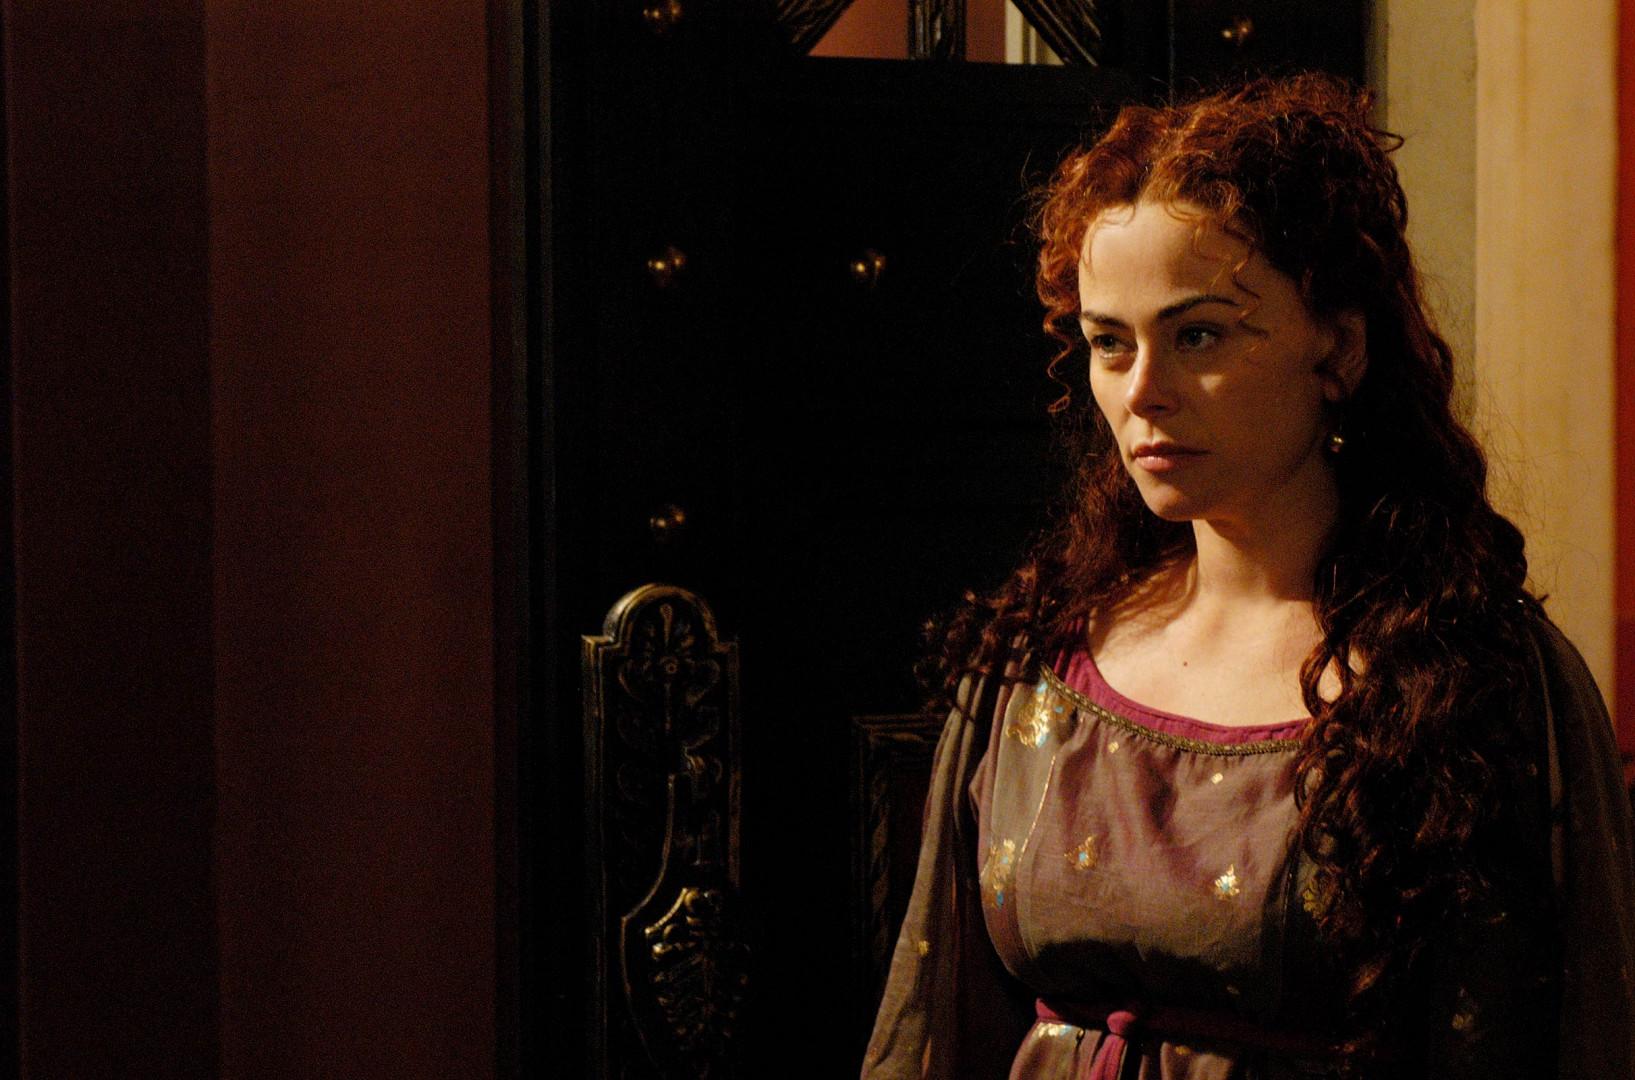 """Son rôle le plus marquant est certaine une autre matriarche rousse : Atia, la nièce de Jules César et la maîtresse de Marc Antoine, dans les deux saisons de la série """"Rome"""""""